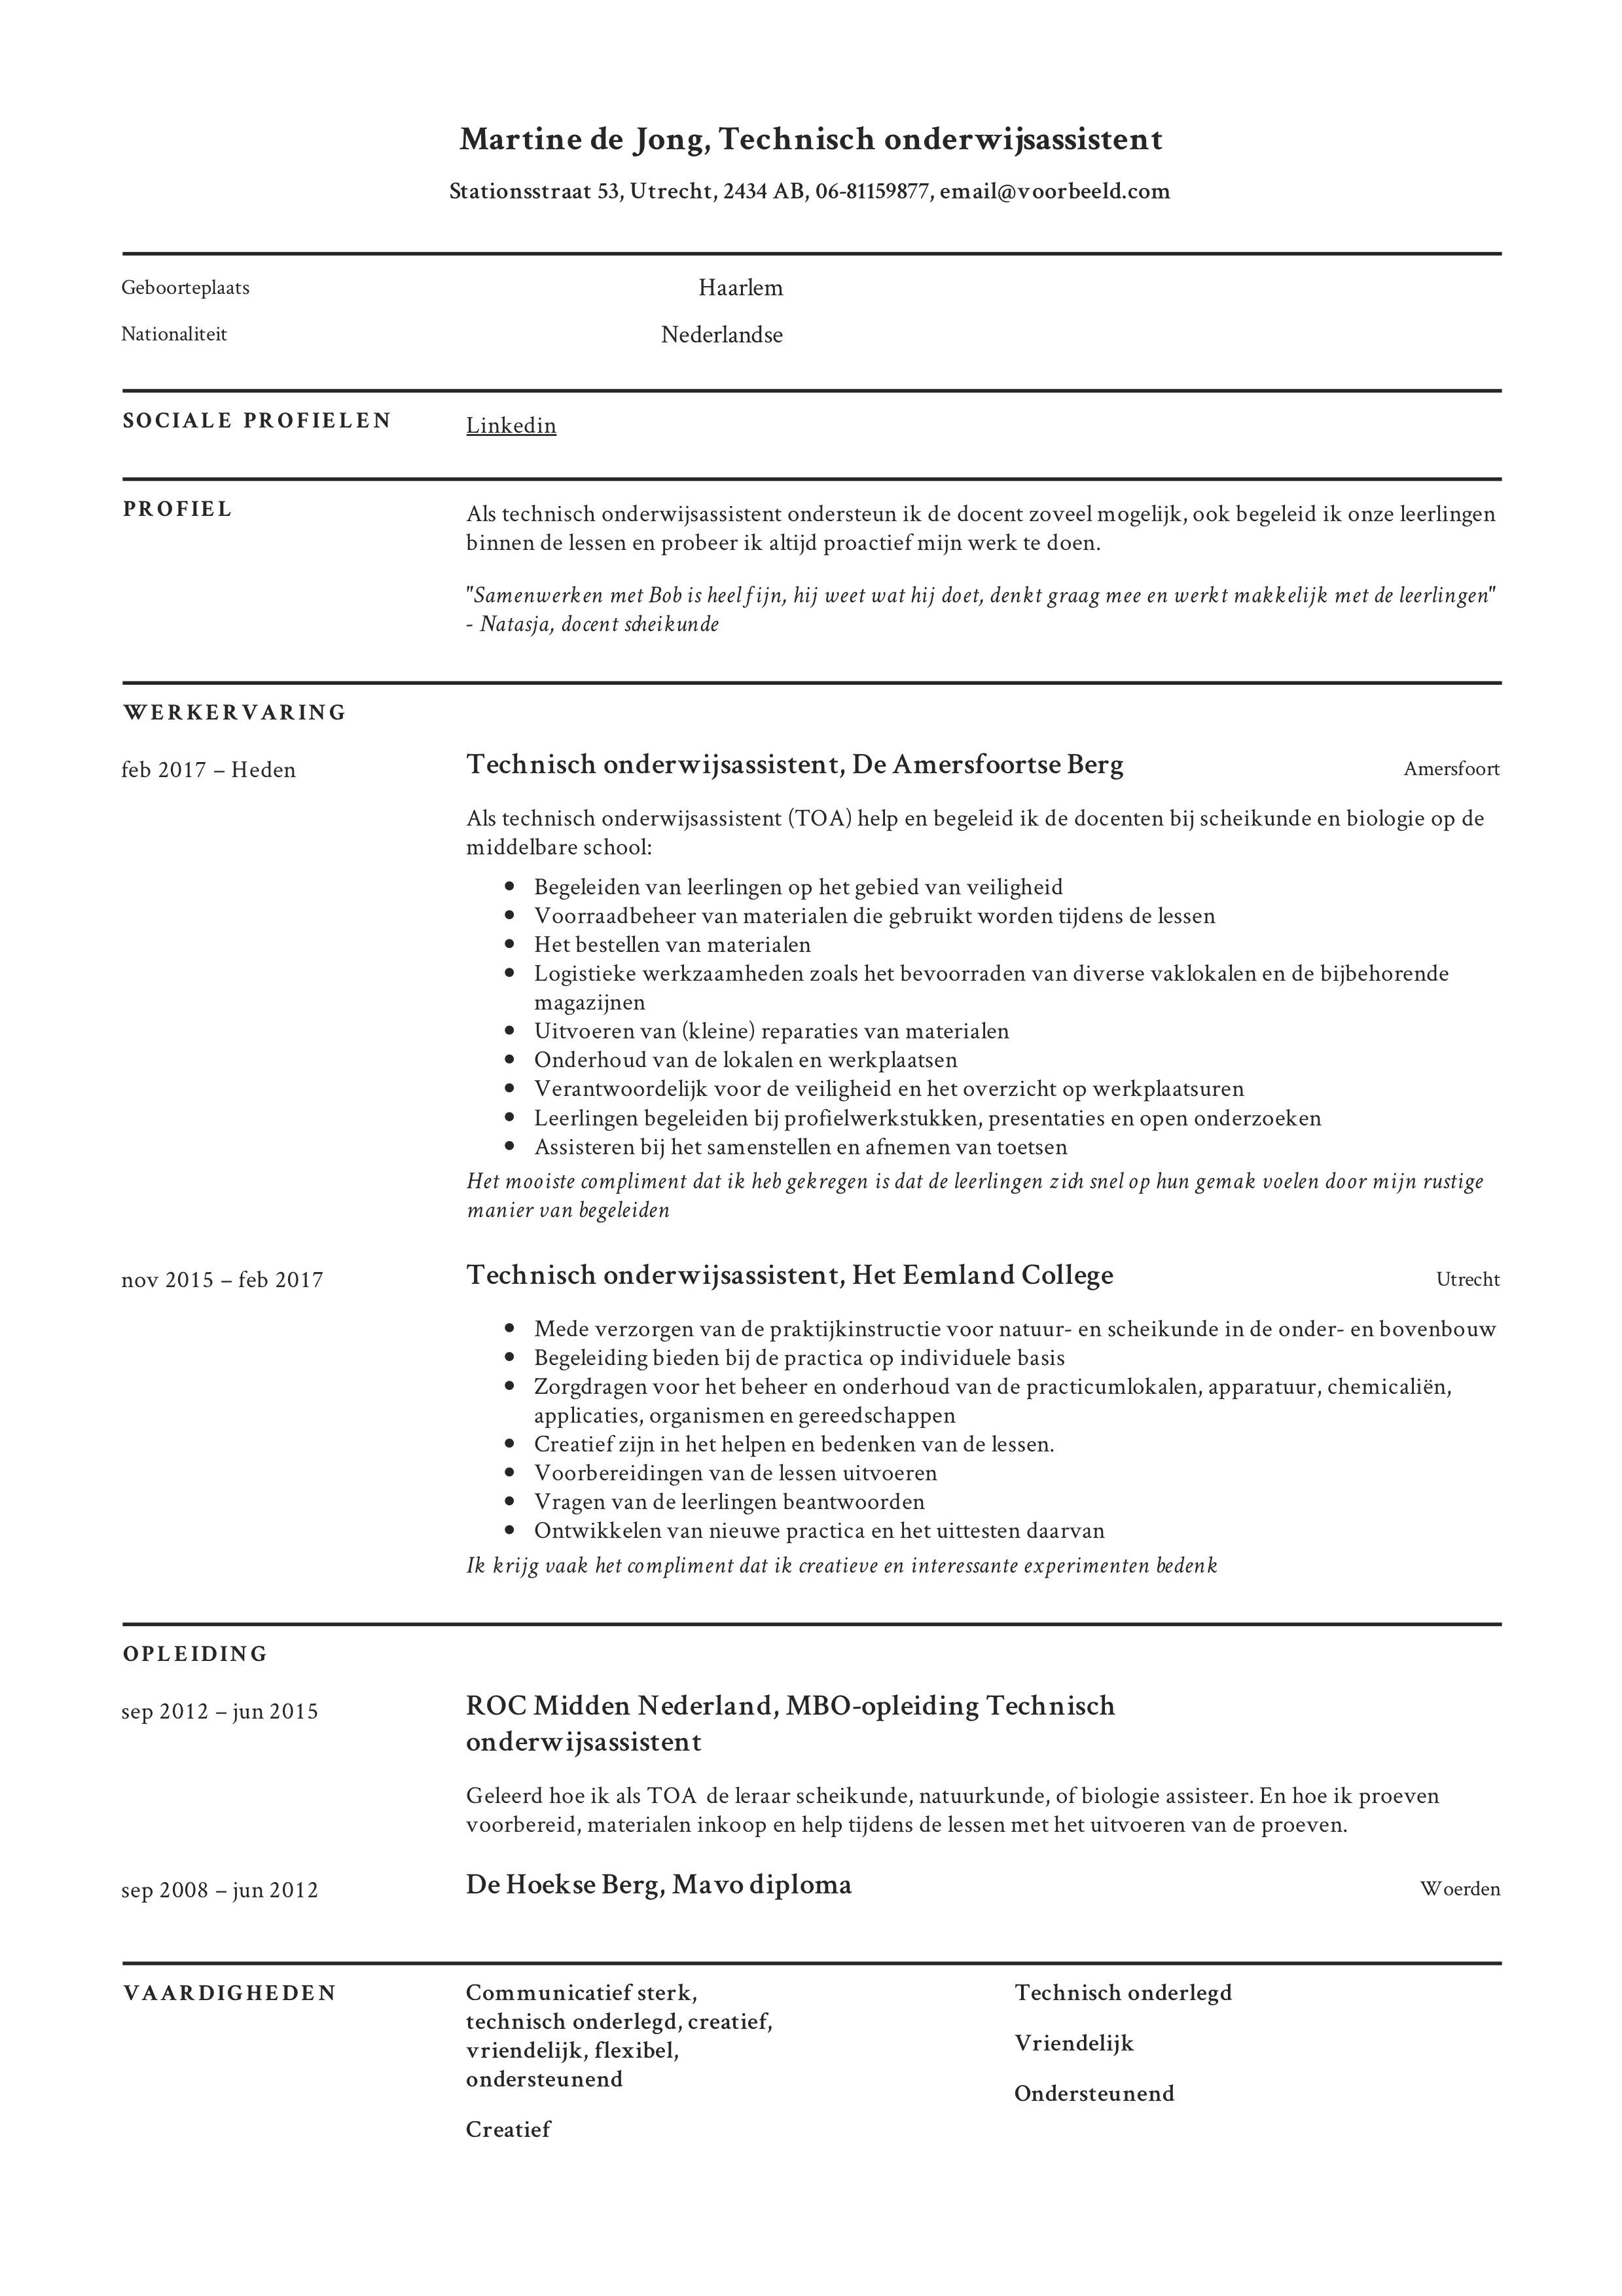 CV Technisch onderwijsassistent